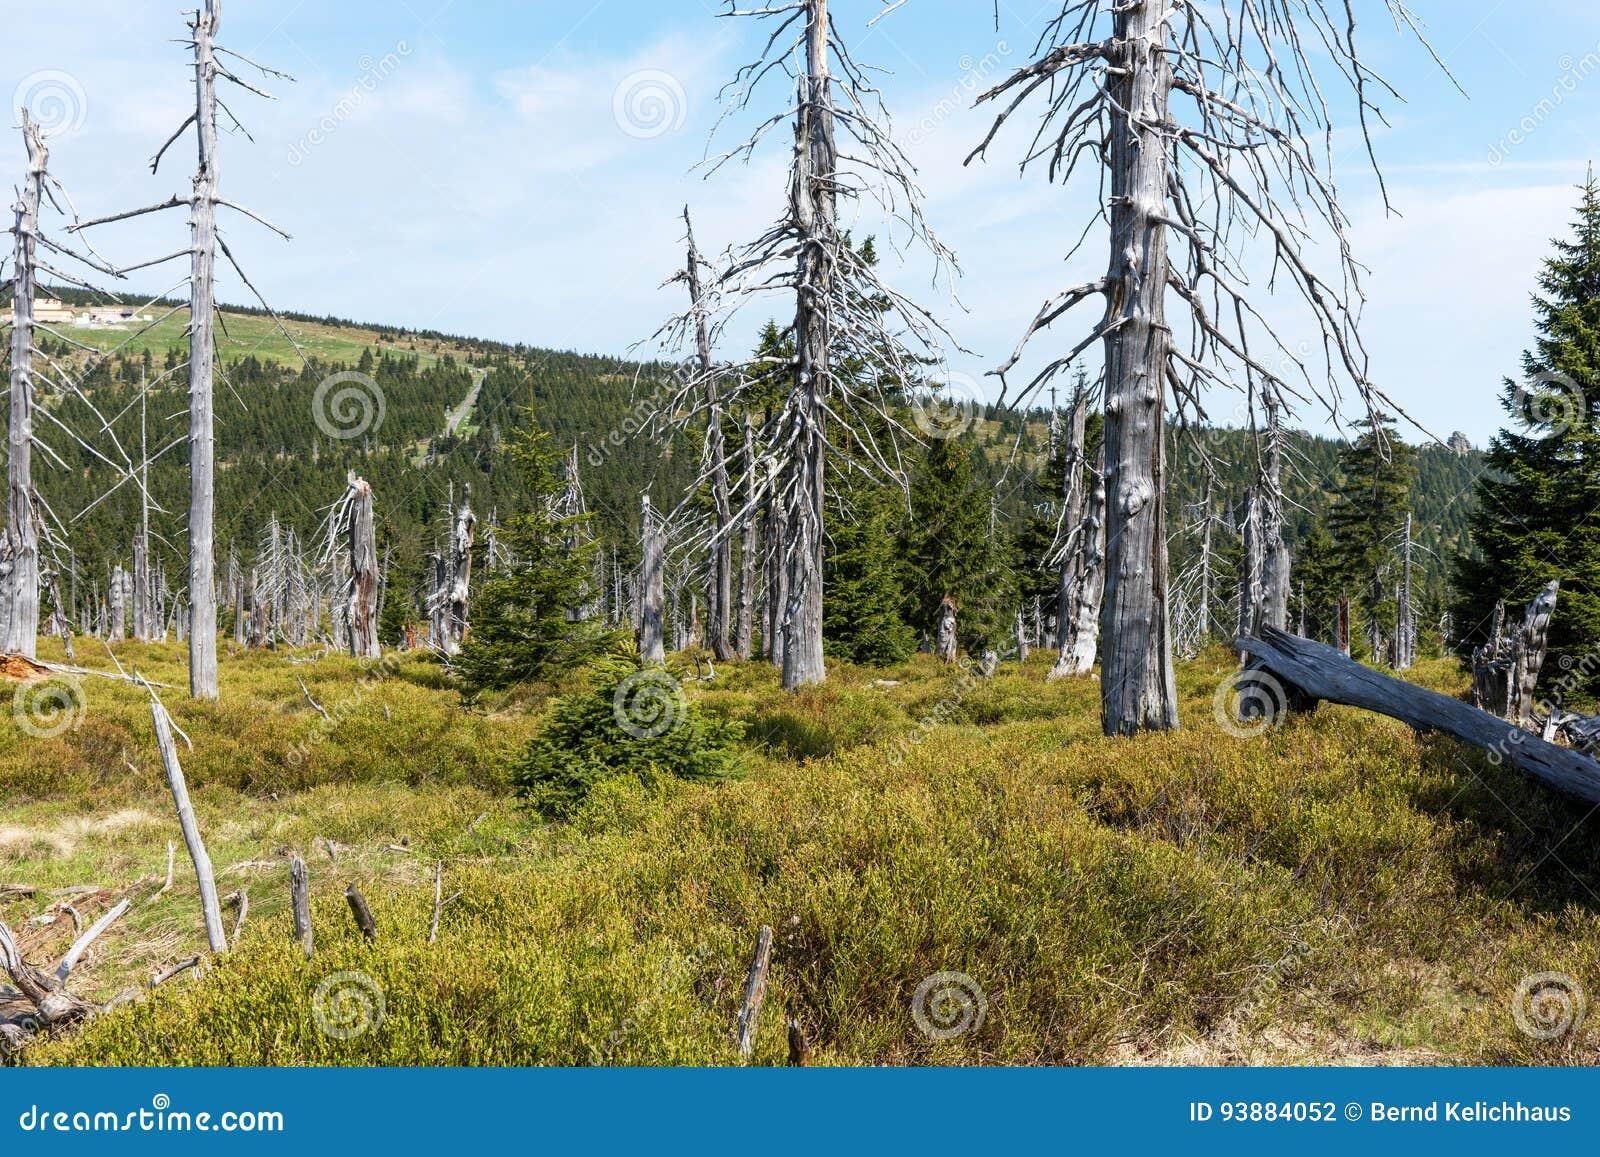 Tote Bäume - Effekt der Umweltverschmutzung